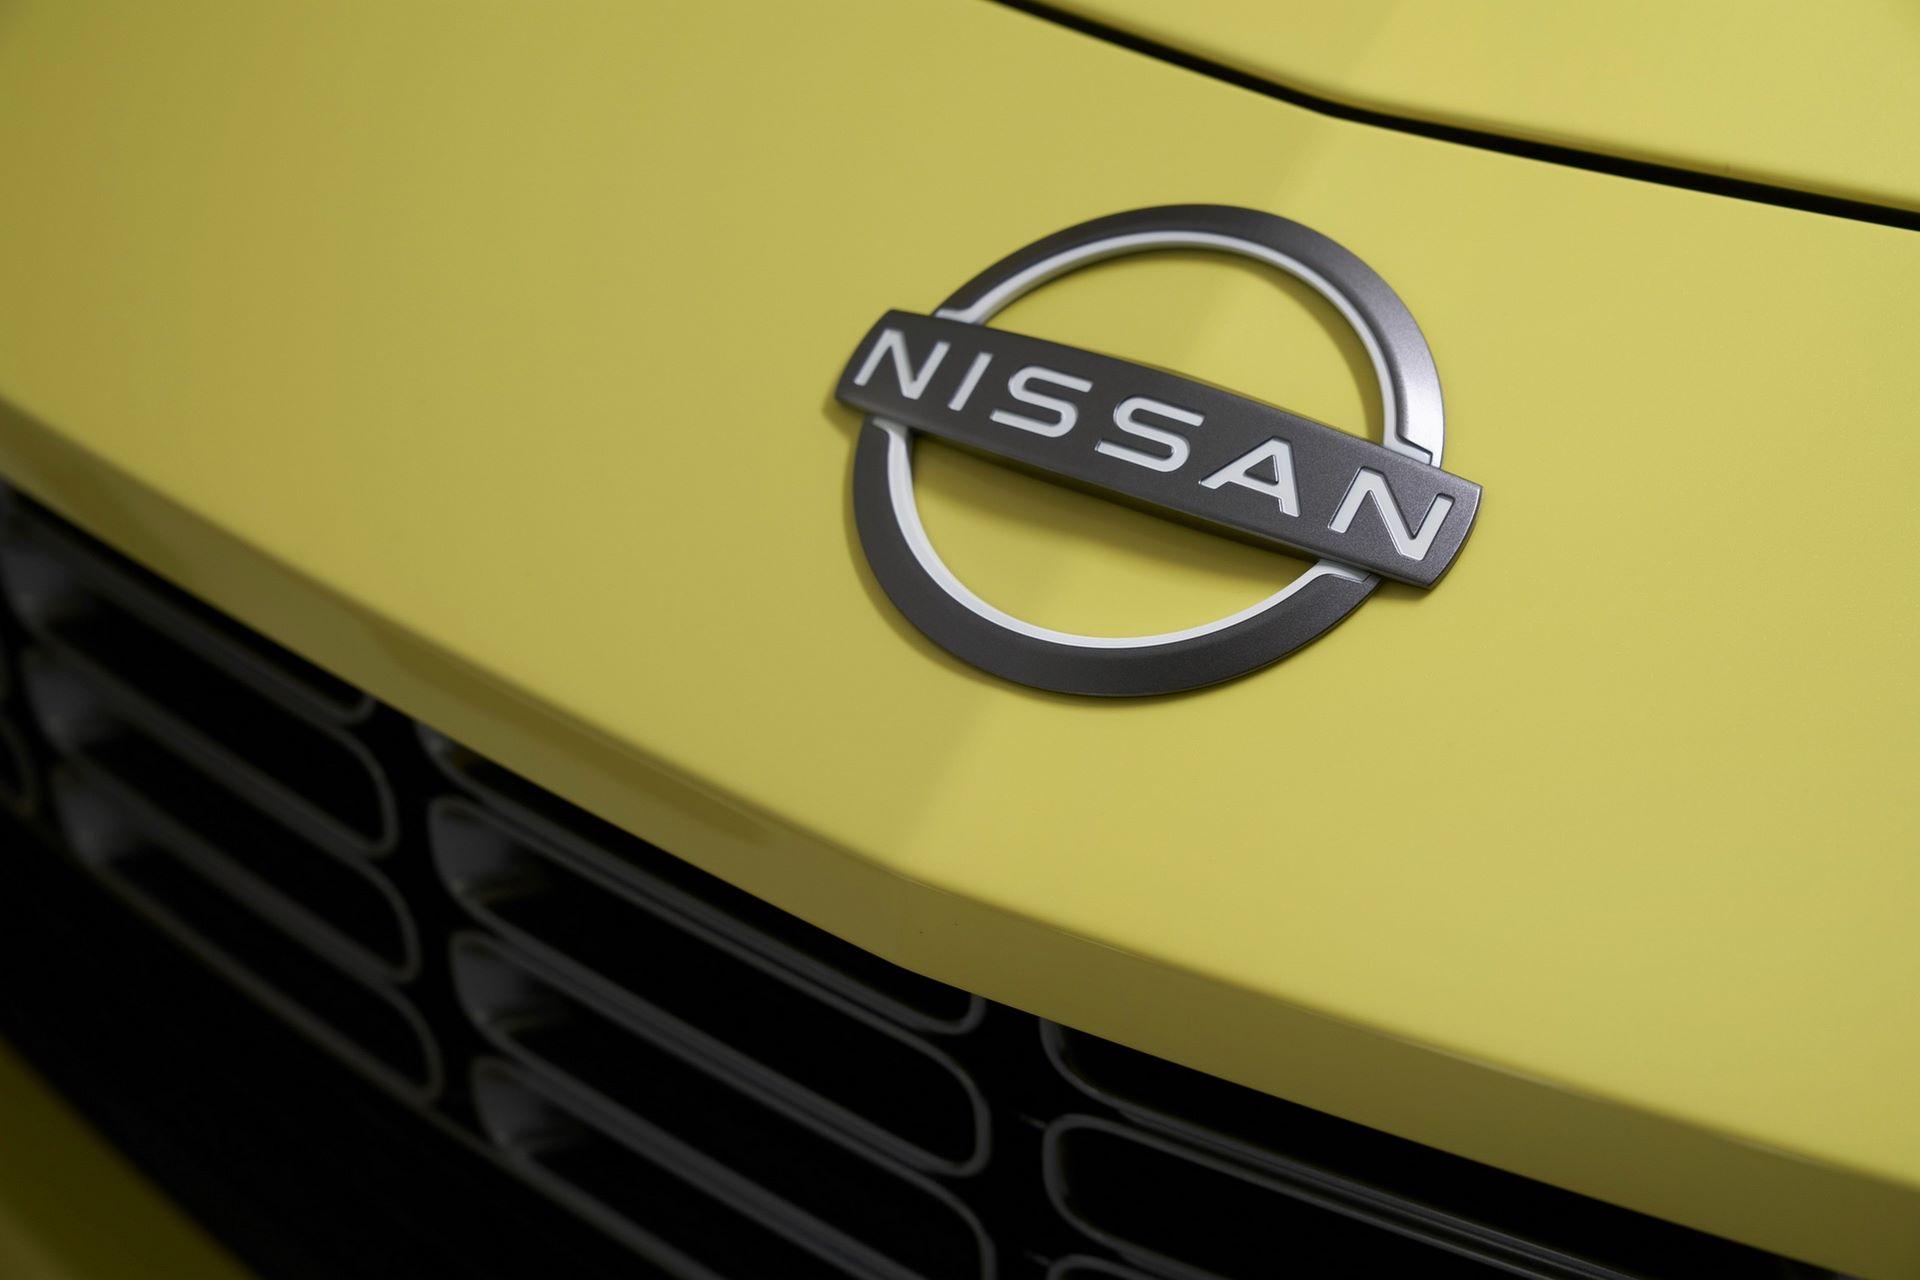 Nissan-Z-74